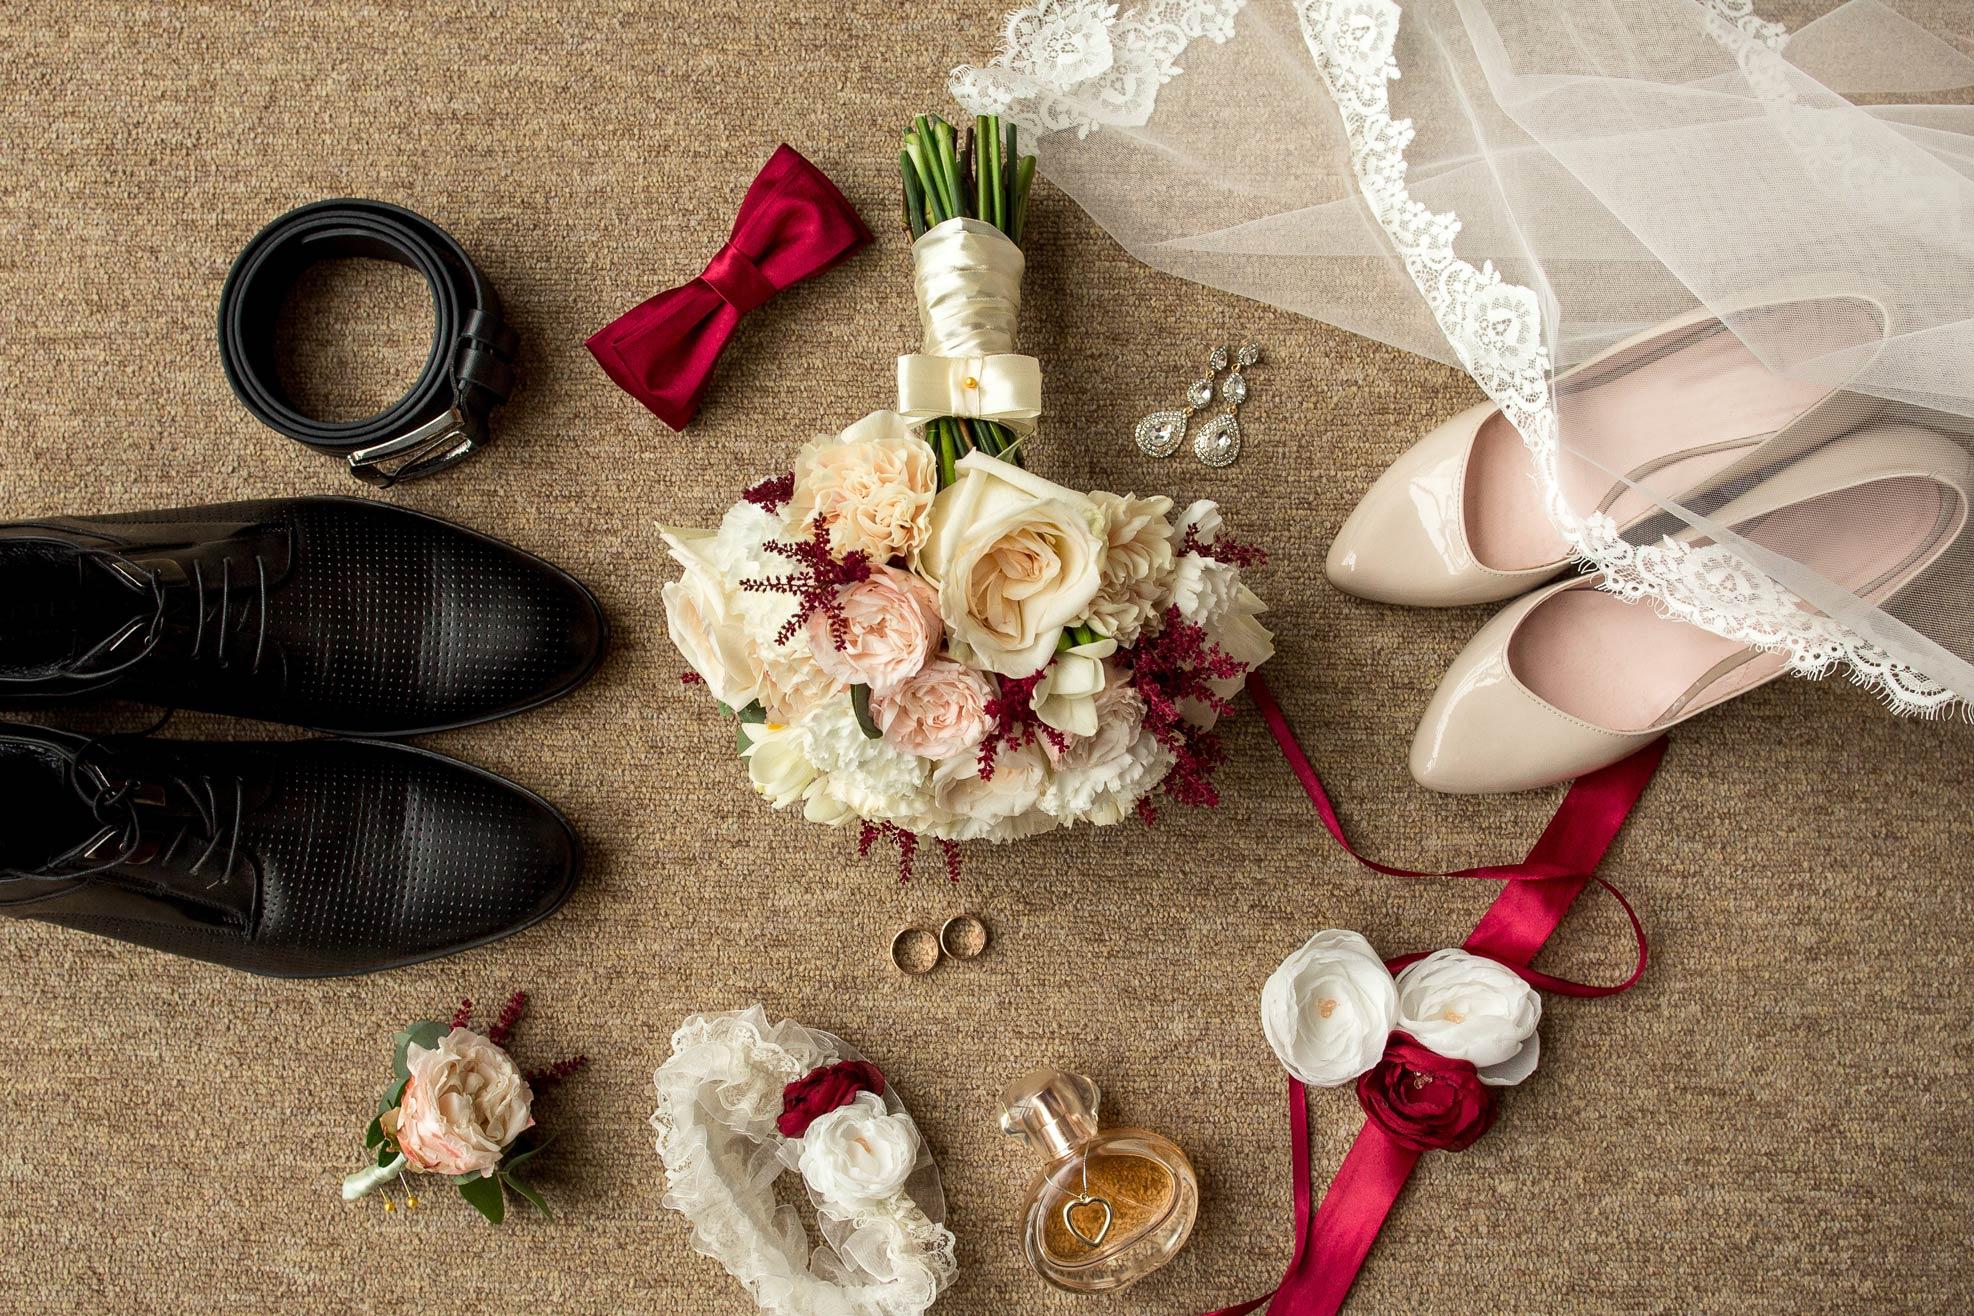 Wedding Accessories.jpg